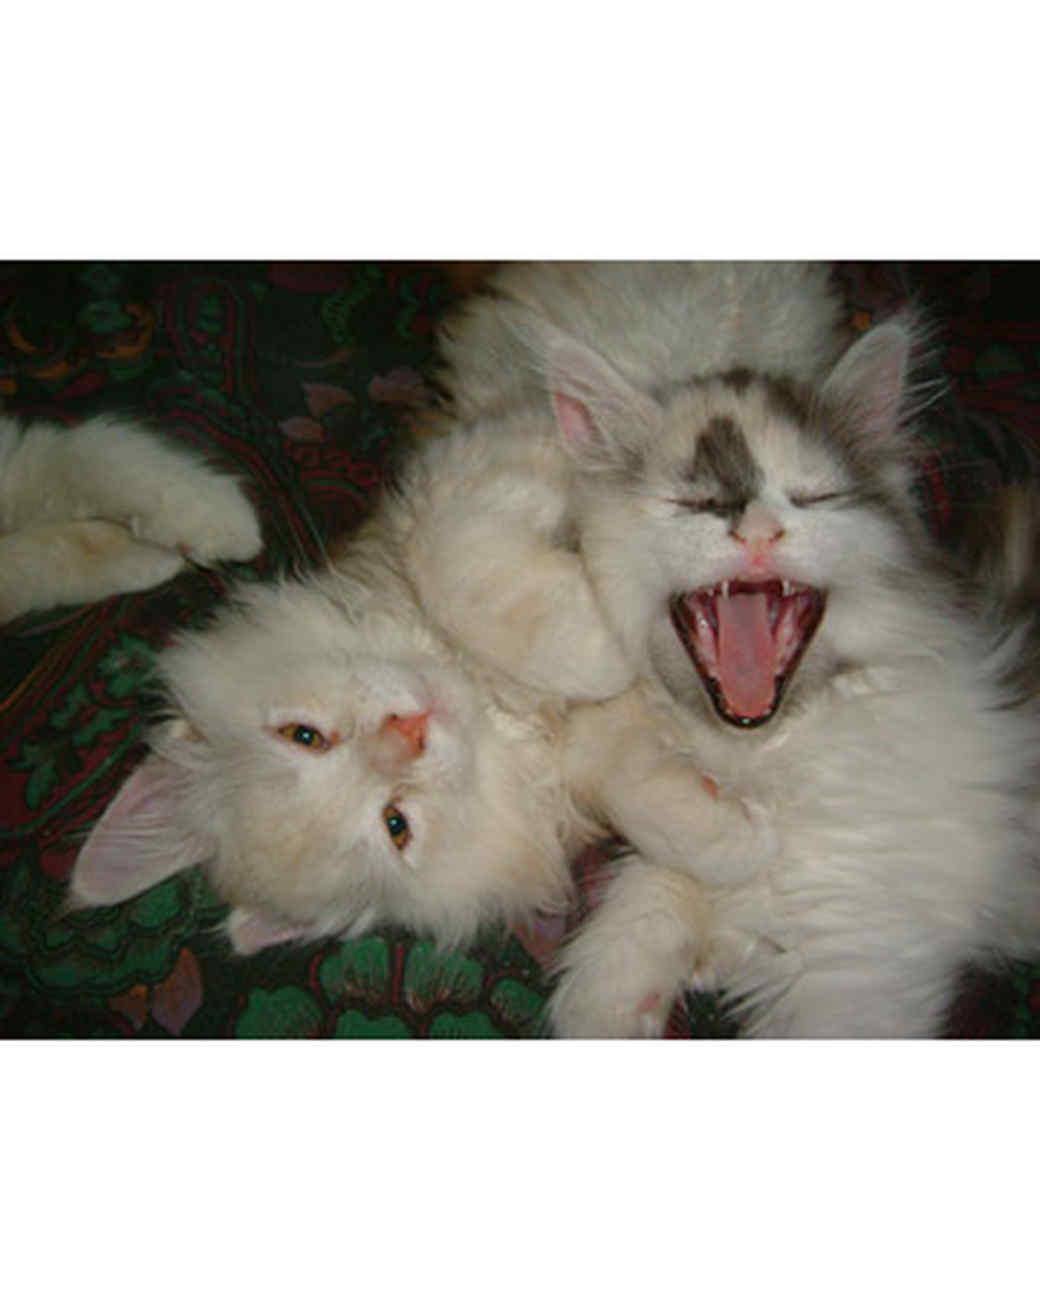 pets_kittens_0610_9678279_11018203.jpg